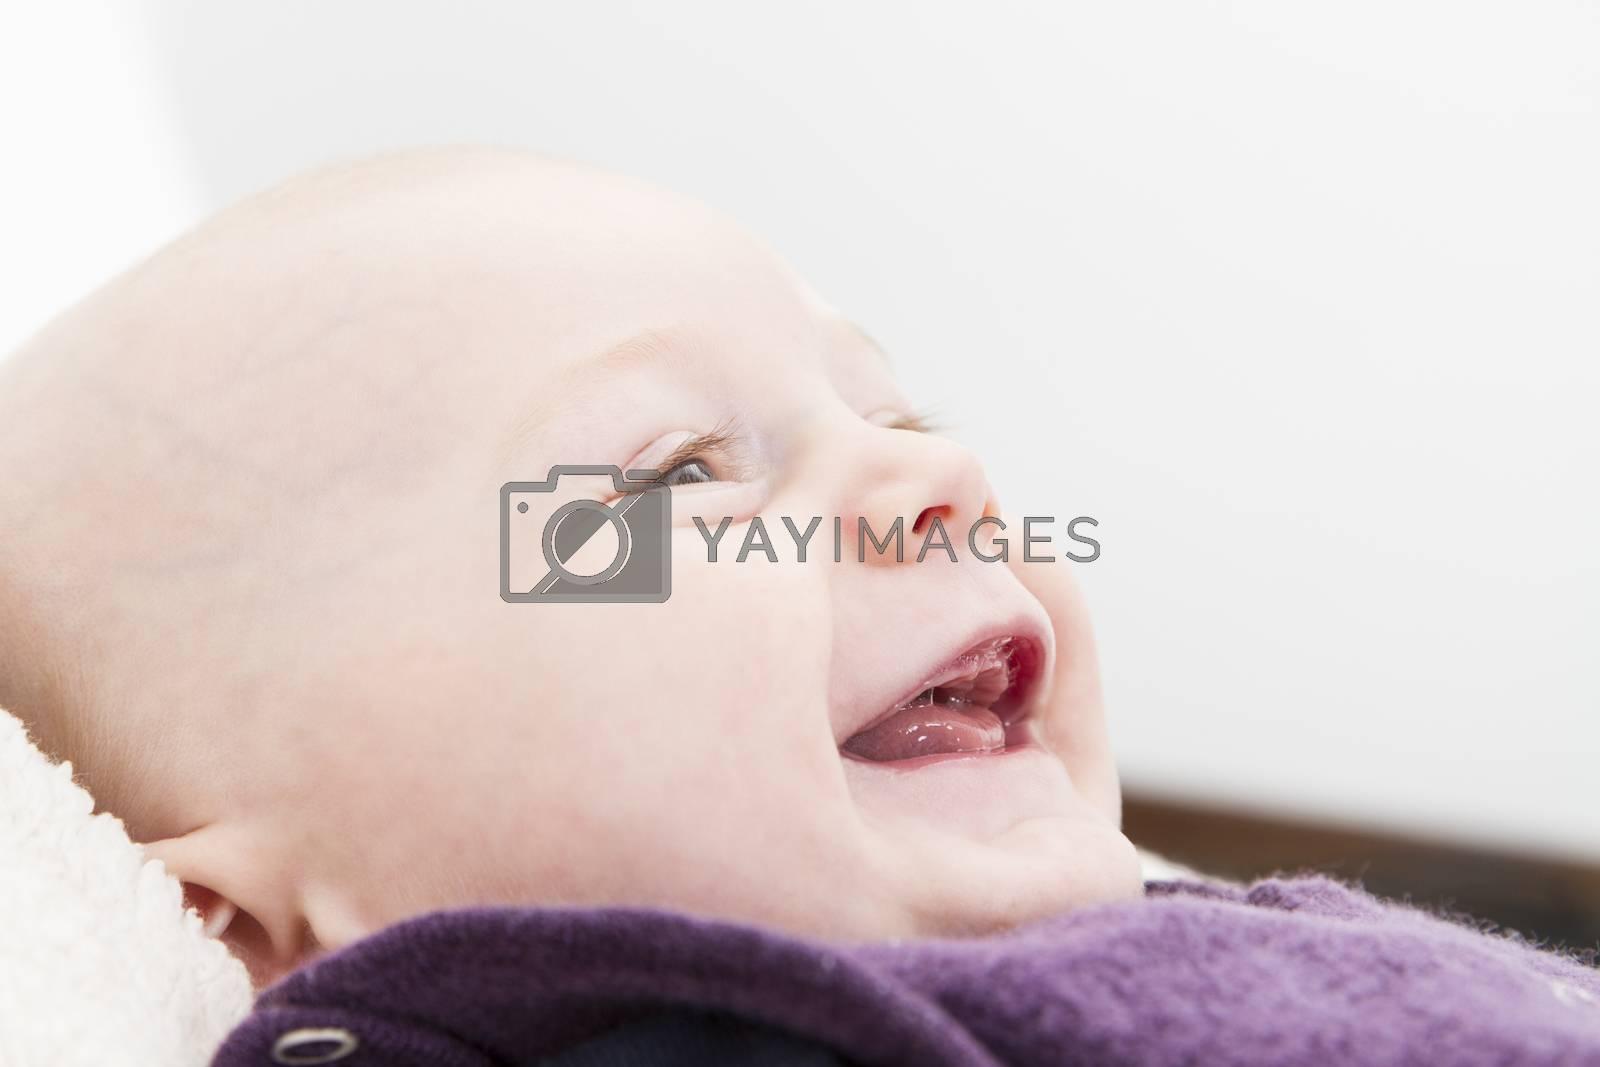 Royalty free image of smiling toddler by gewoldi